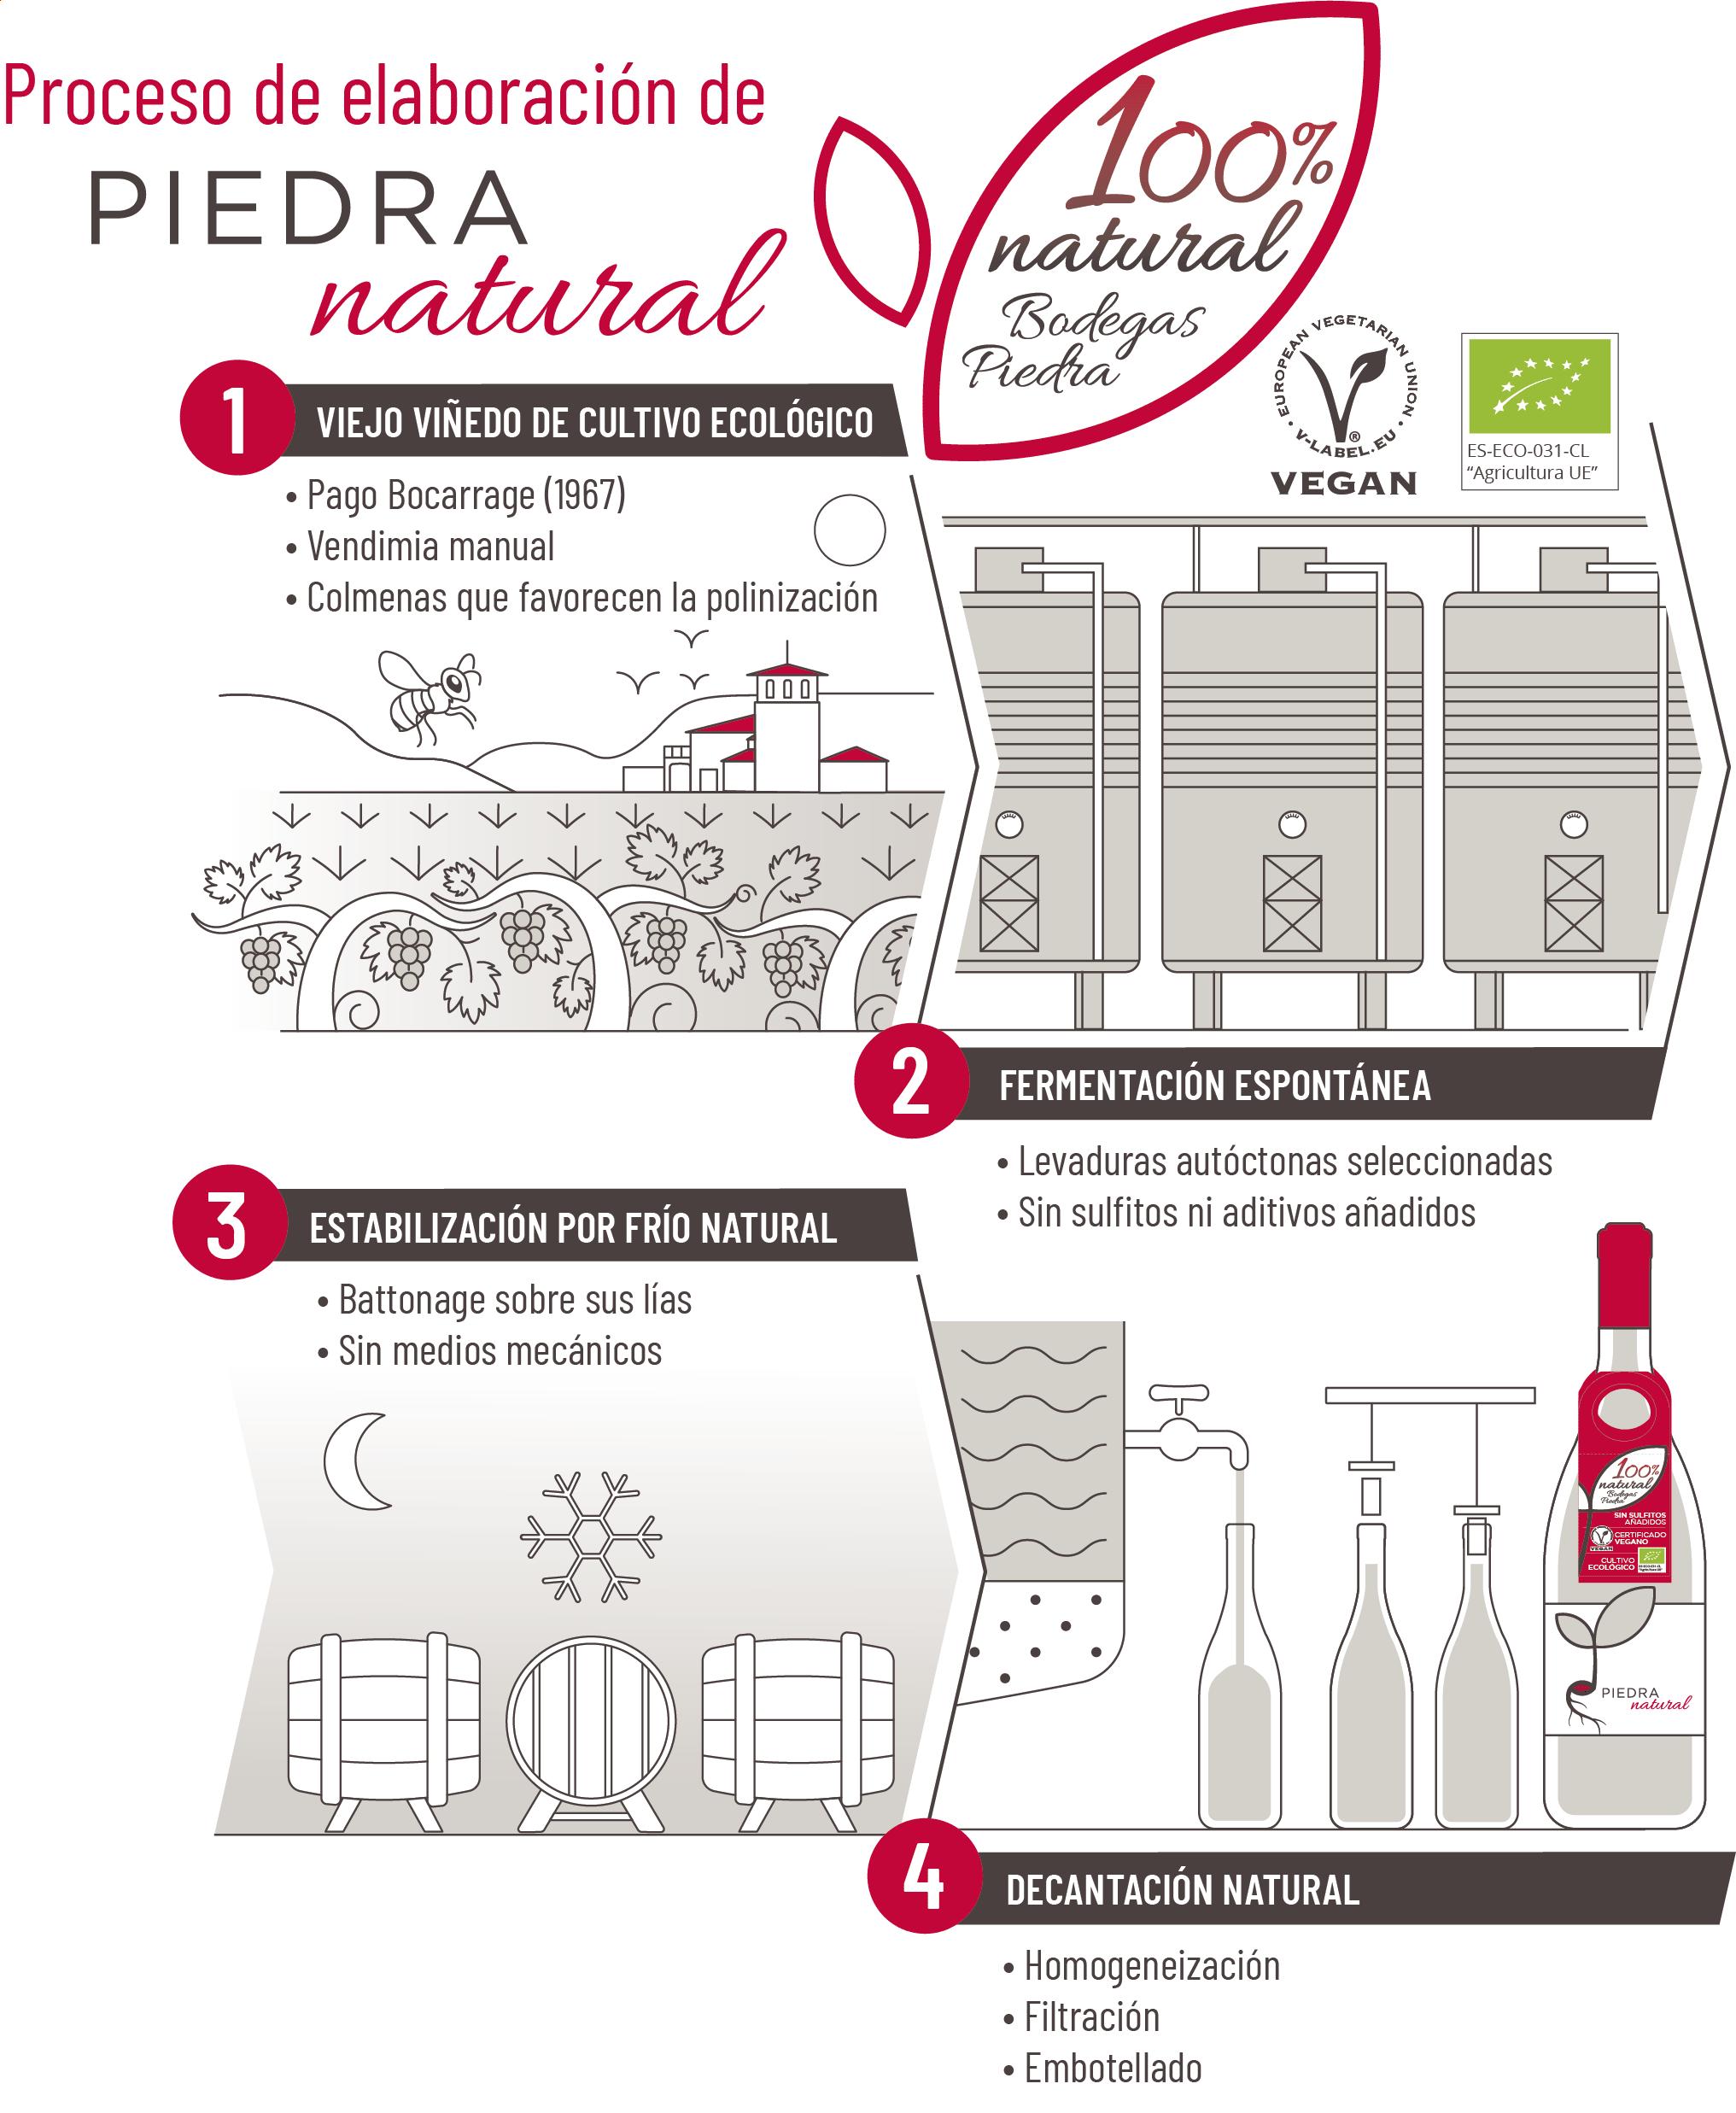 Elaboracion Piedra Natural un vino totalmente ecológico y vegano